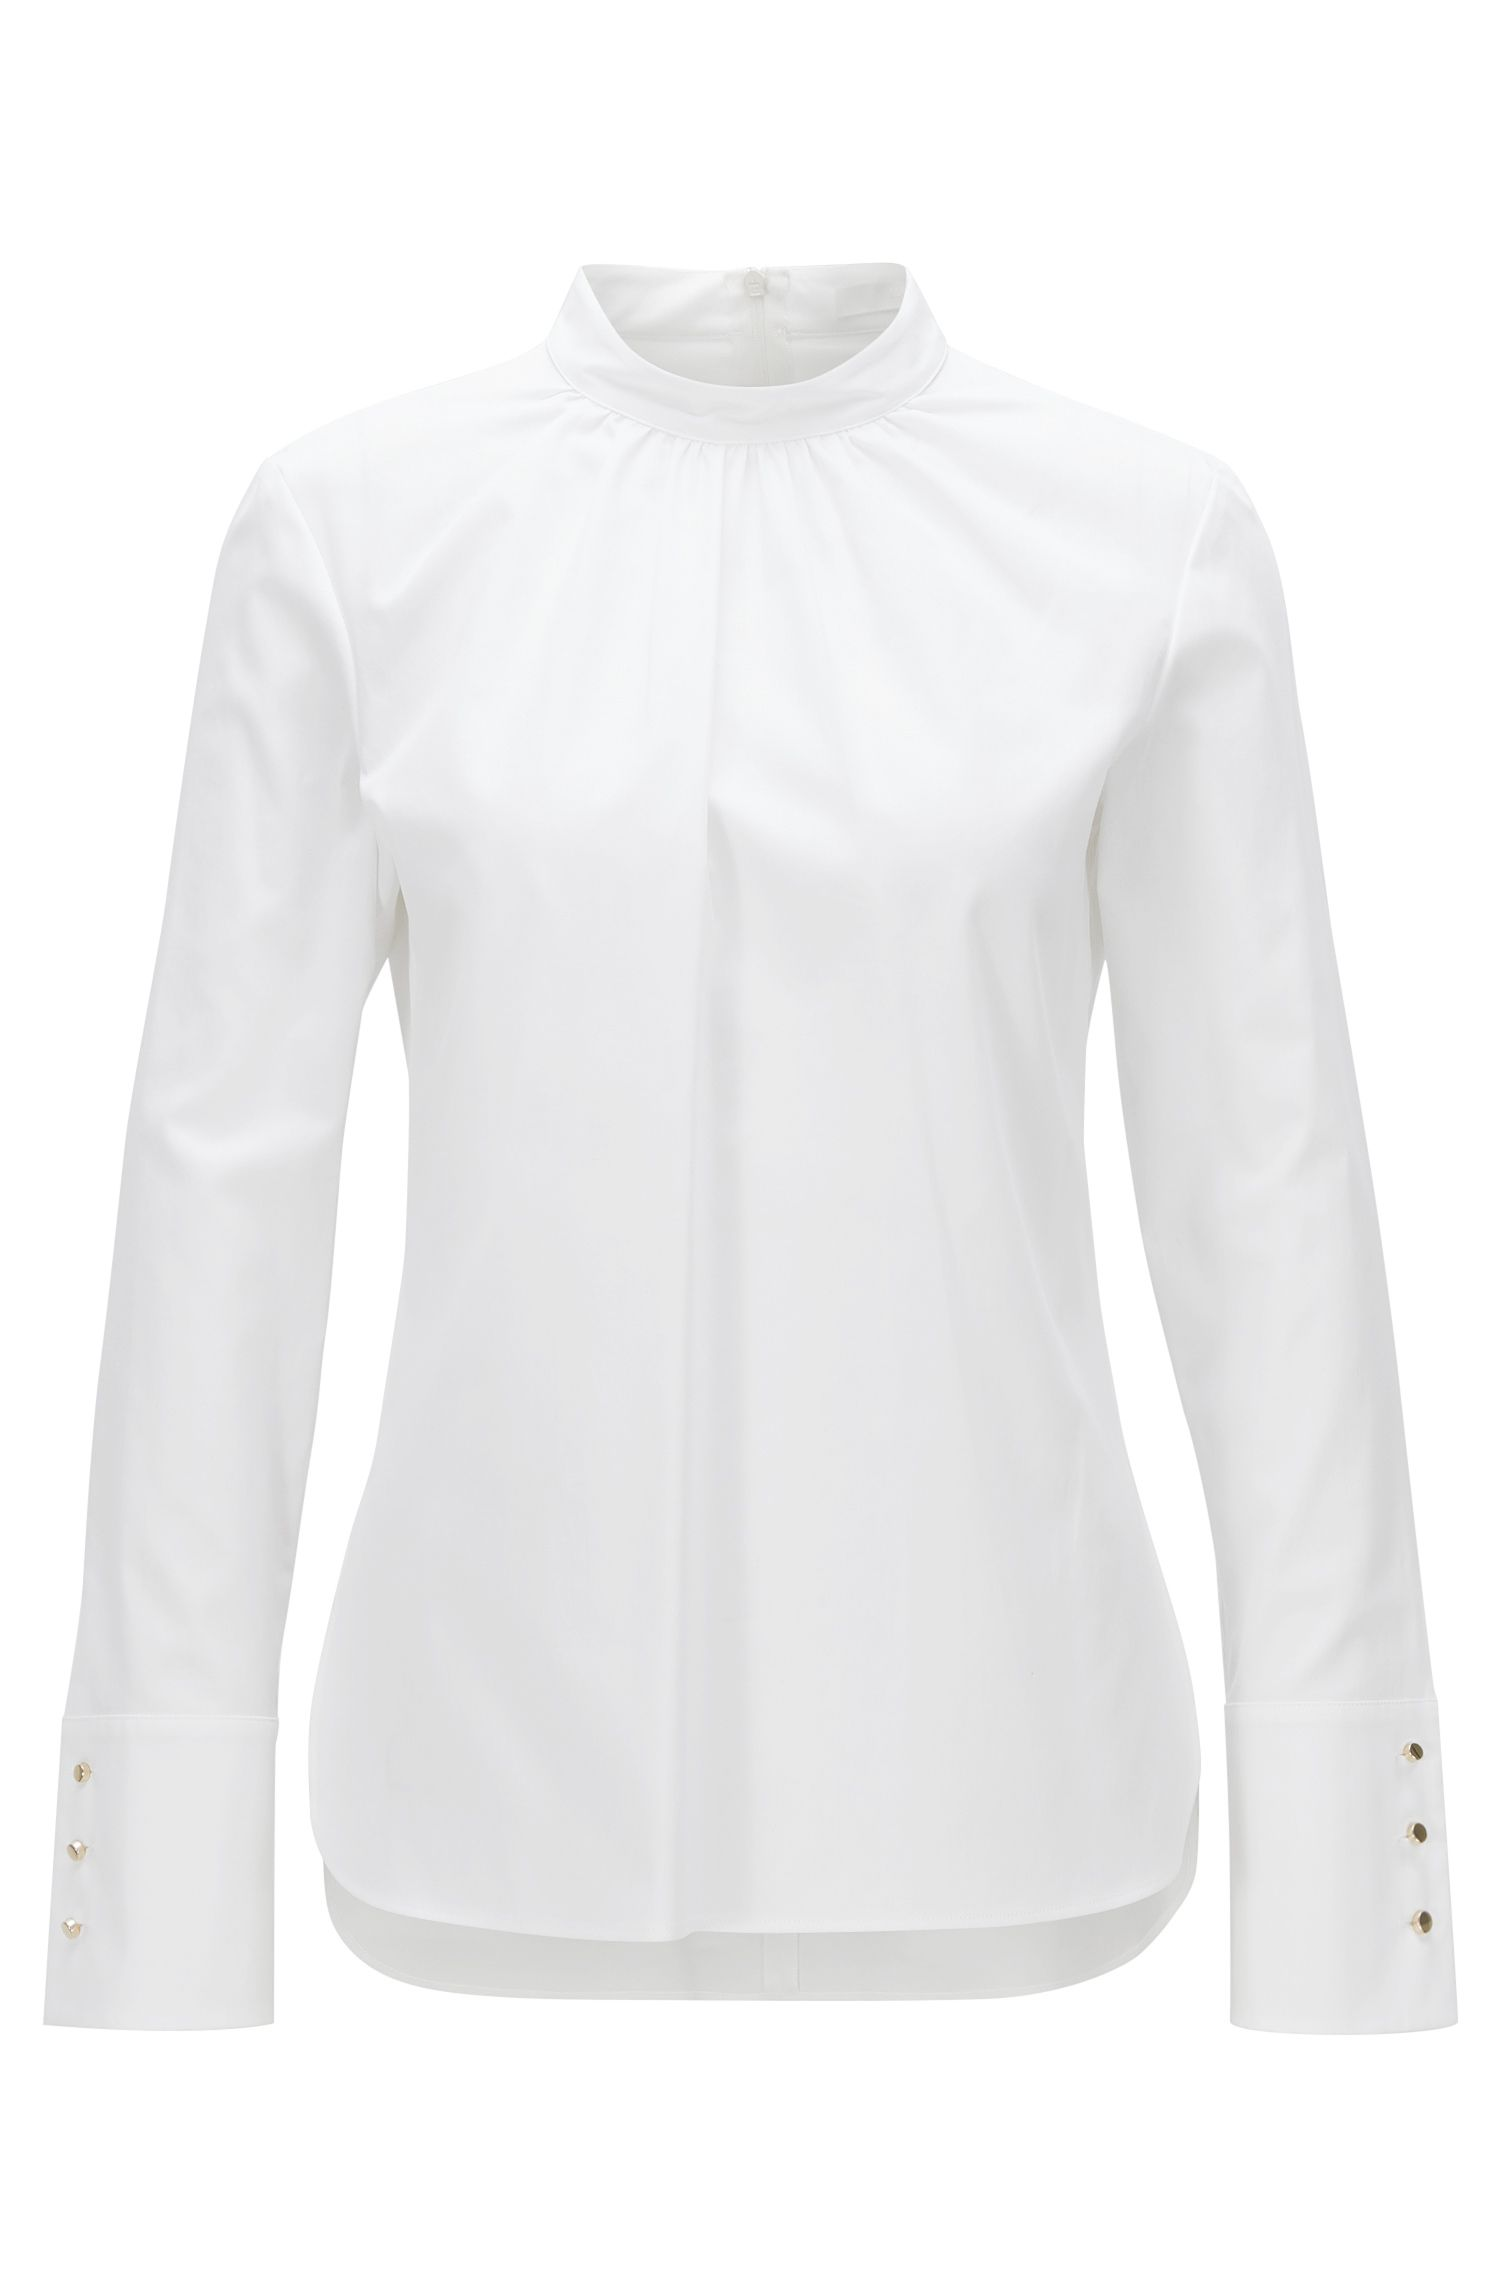 Regular-Fit Bluse aus elastischer Baumwolle mit gerafftem Ausschnitt